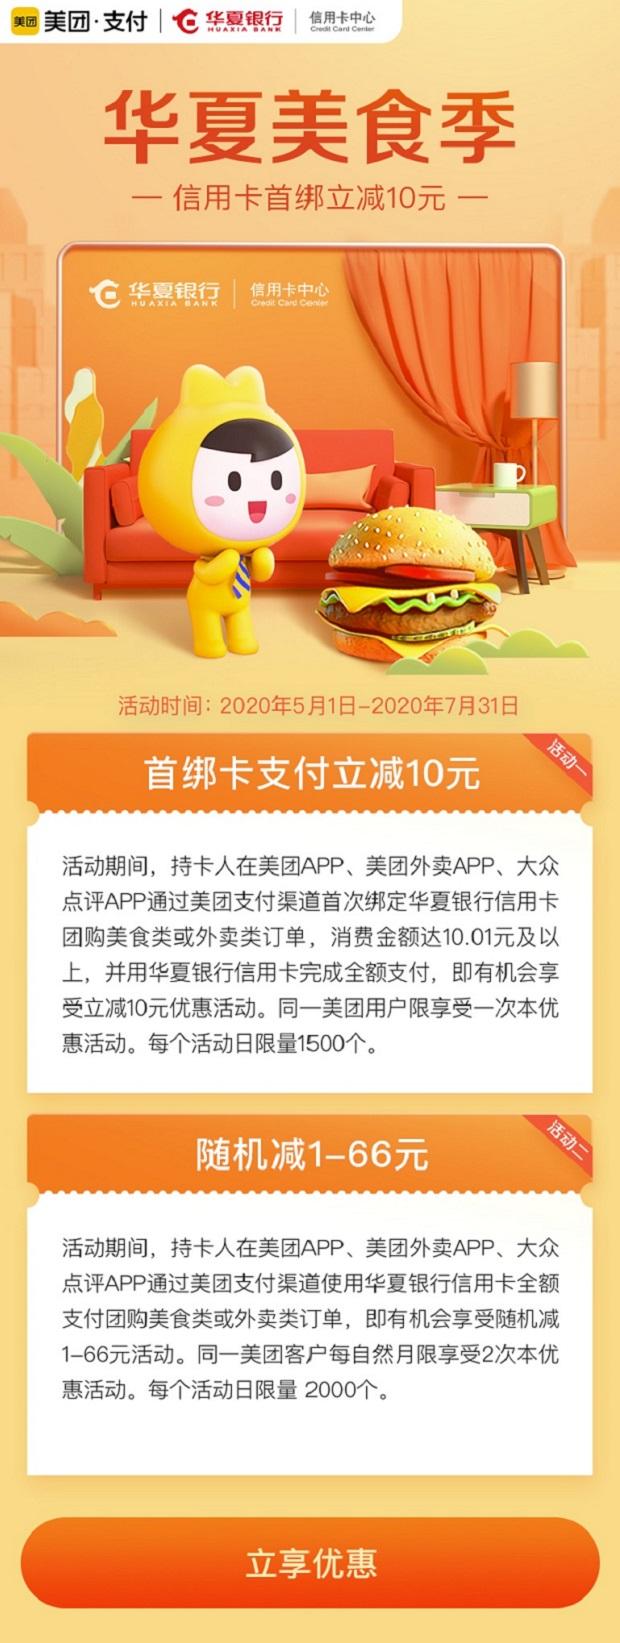 2020年5月20日华夏银行信用卡优惠活动推荐